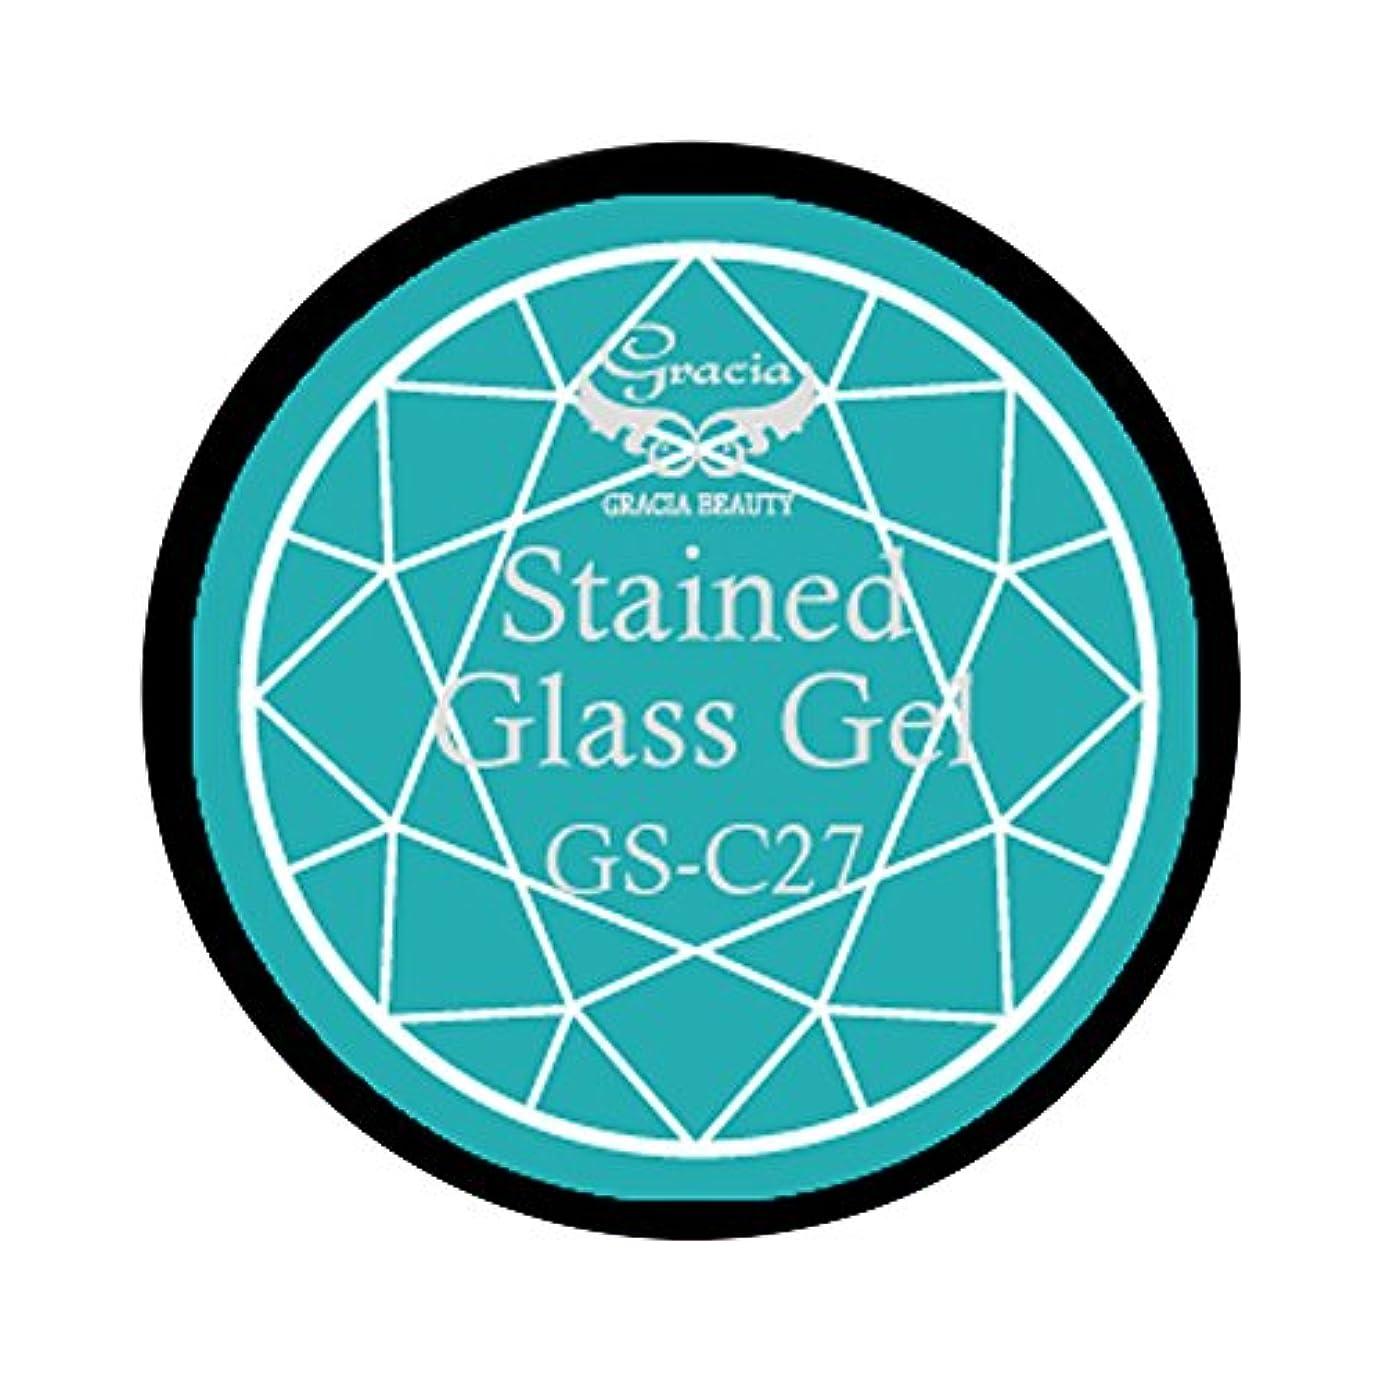 グラシア ジェルネイル ステンドグラスジェル GSM-C27 3g  クリア UV/LED対応 カラージェル ソークオフジェル ガラスのような透明感